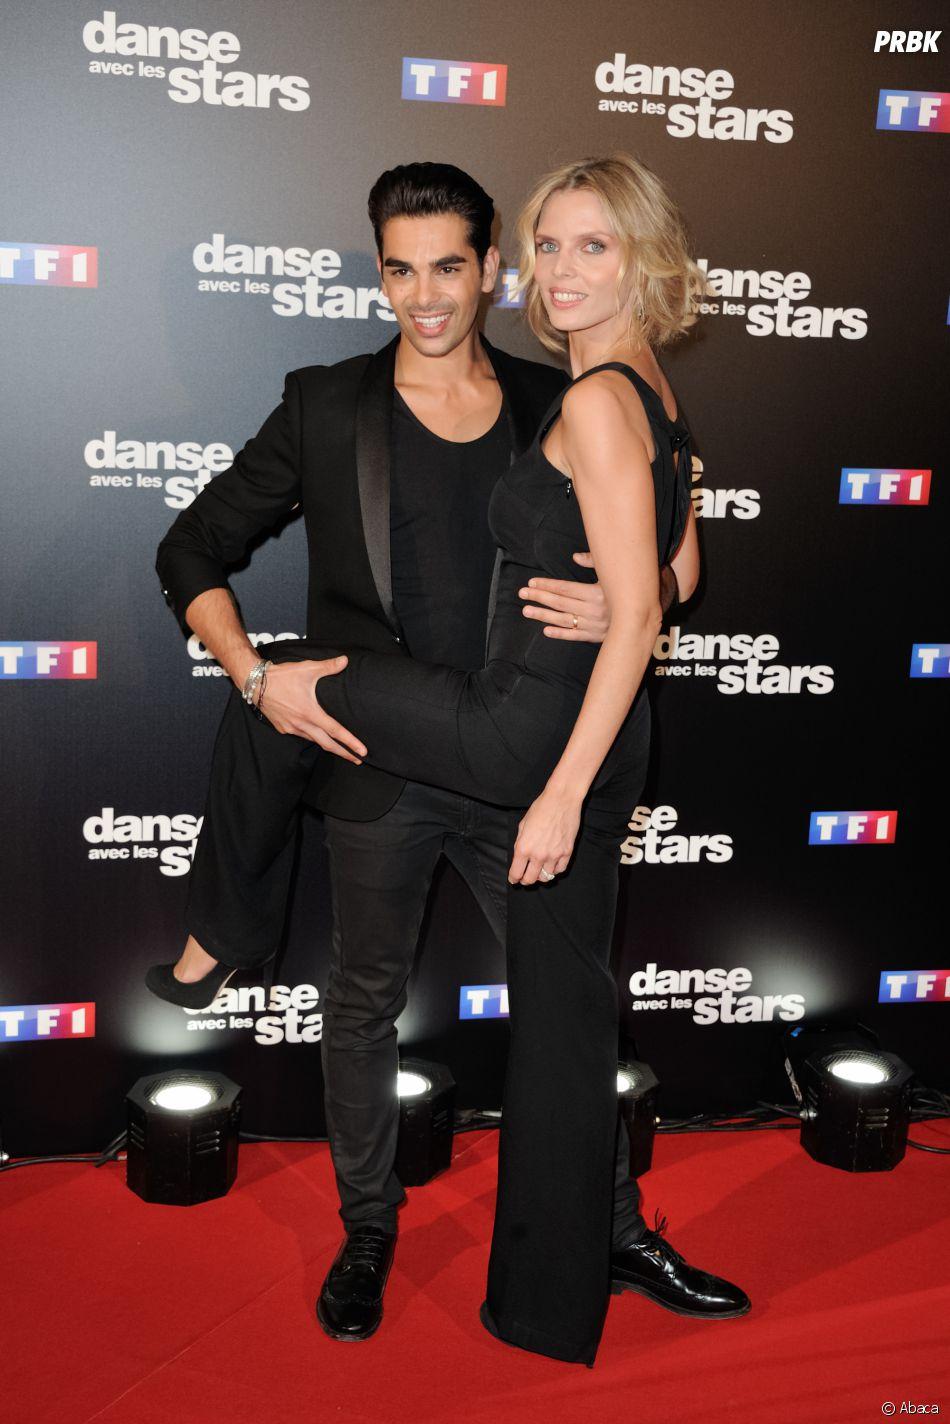 Sylvie Tellier dansera avec Christophe Licata dans Danse avec les stars 7